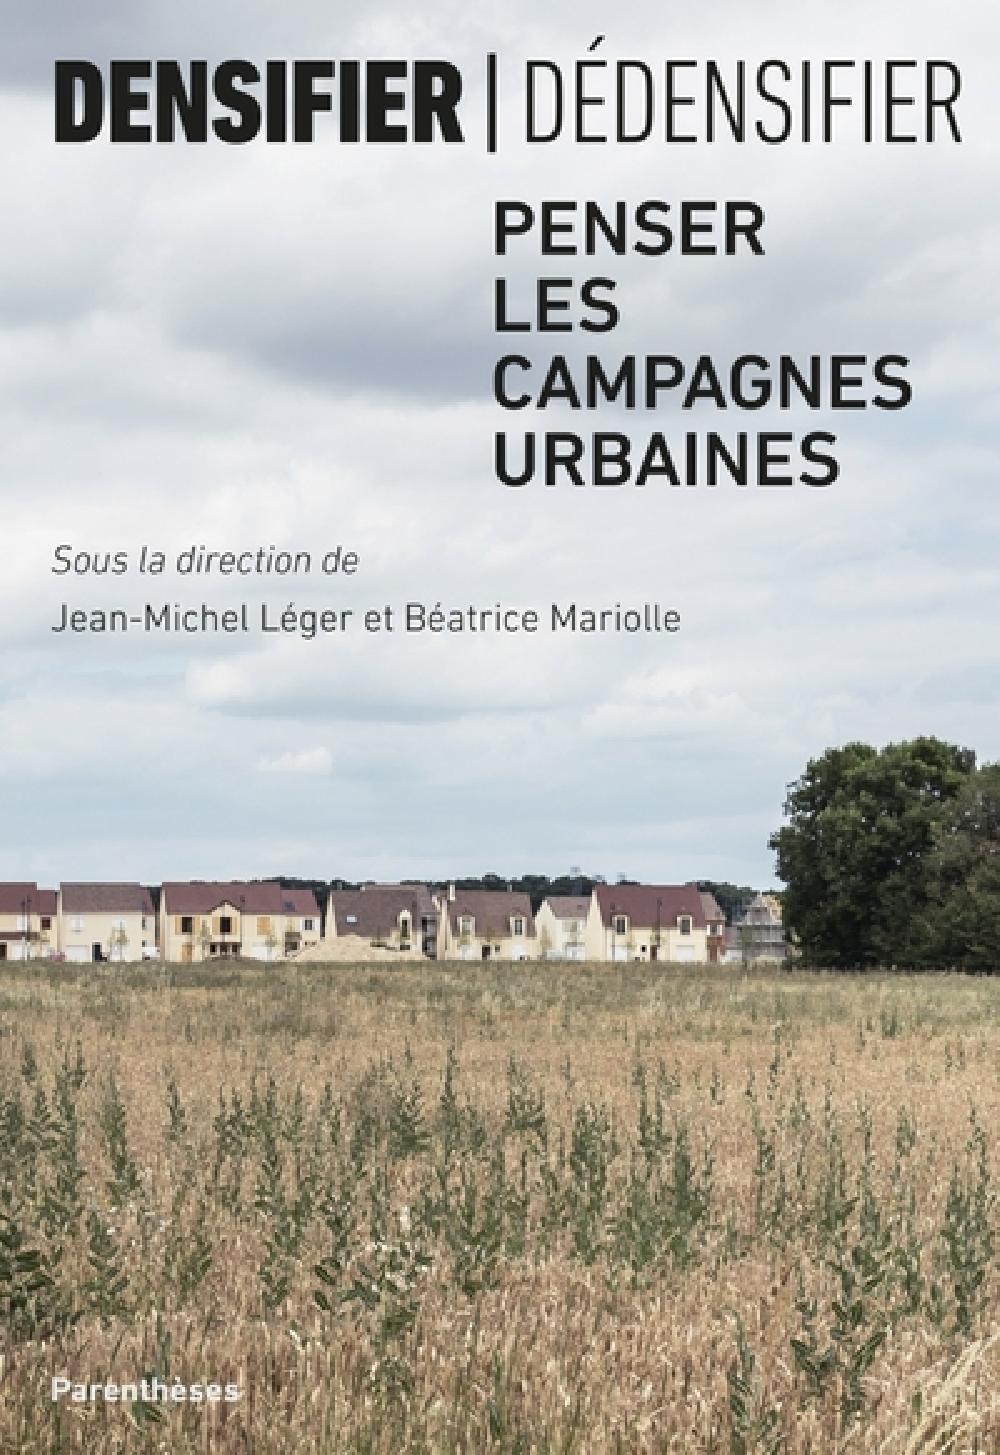 Densifier/dédensifier - Penser les campagnes urbaines